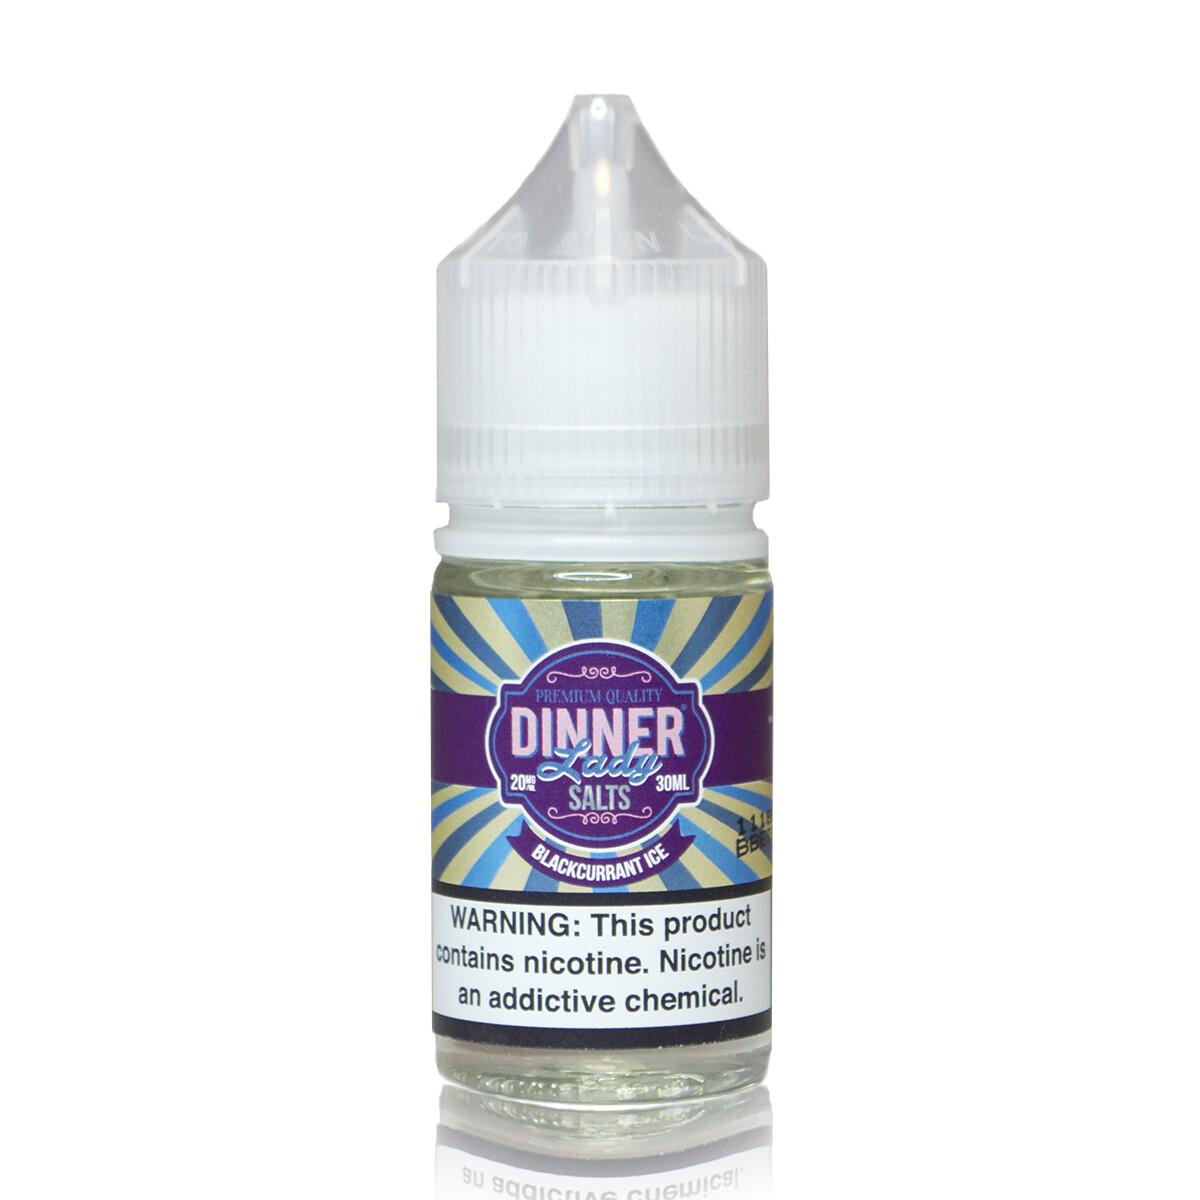 DINNER LADY ICE SALT: BLACKCURRANT 30МЛ 20MG